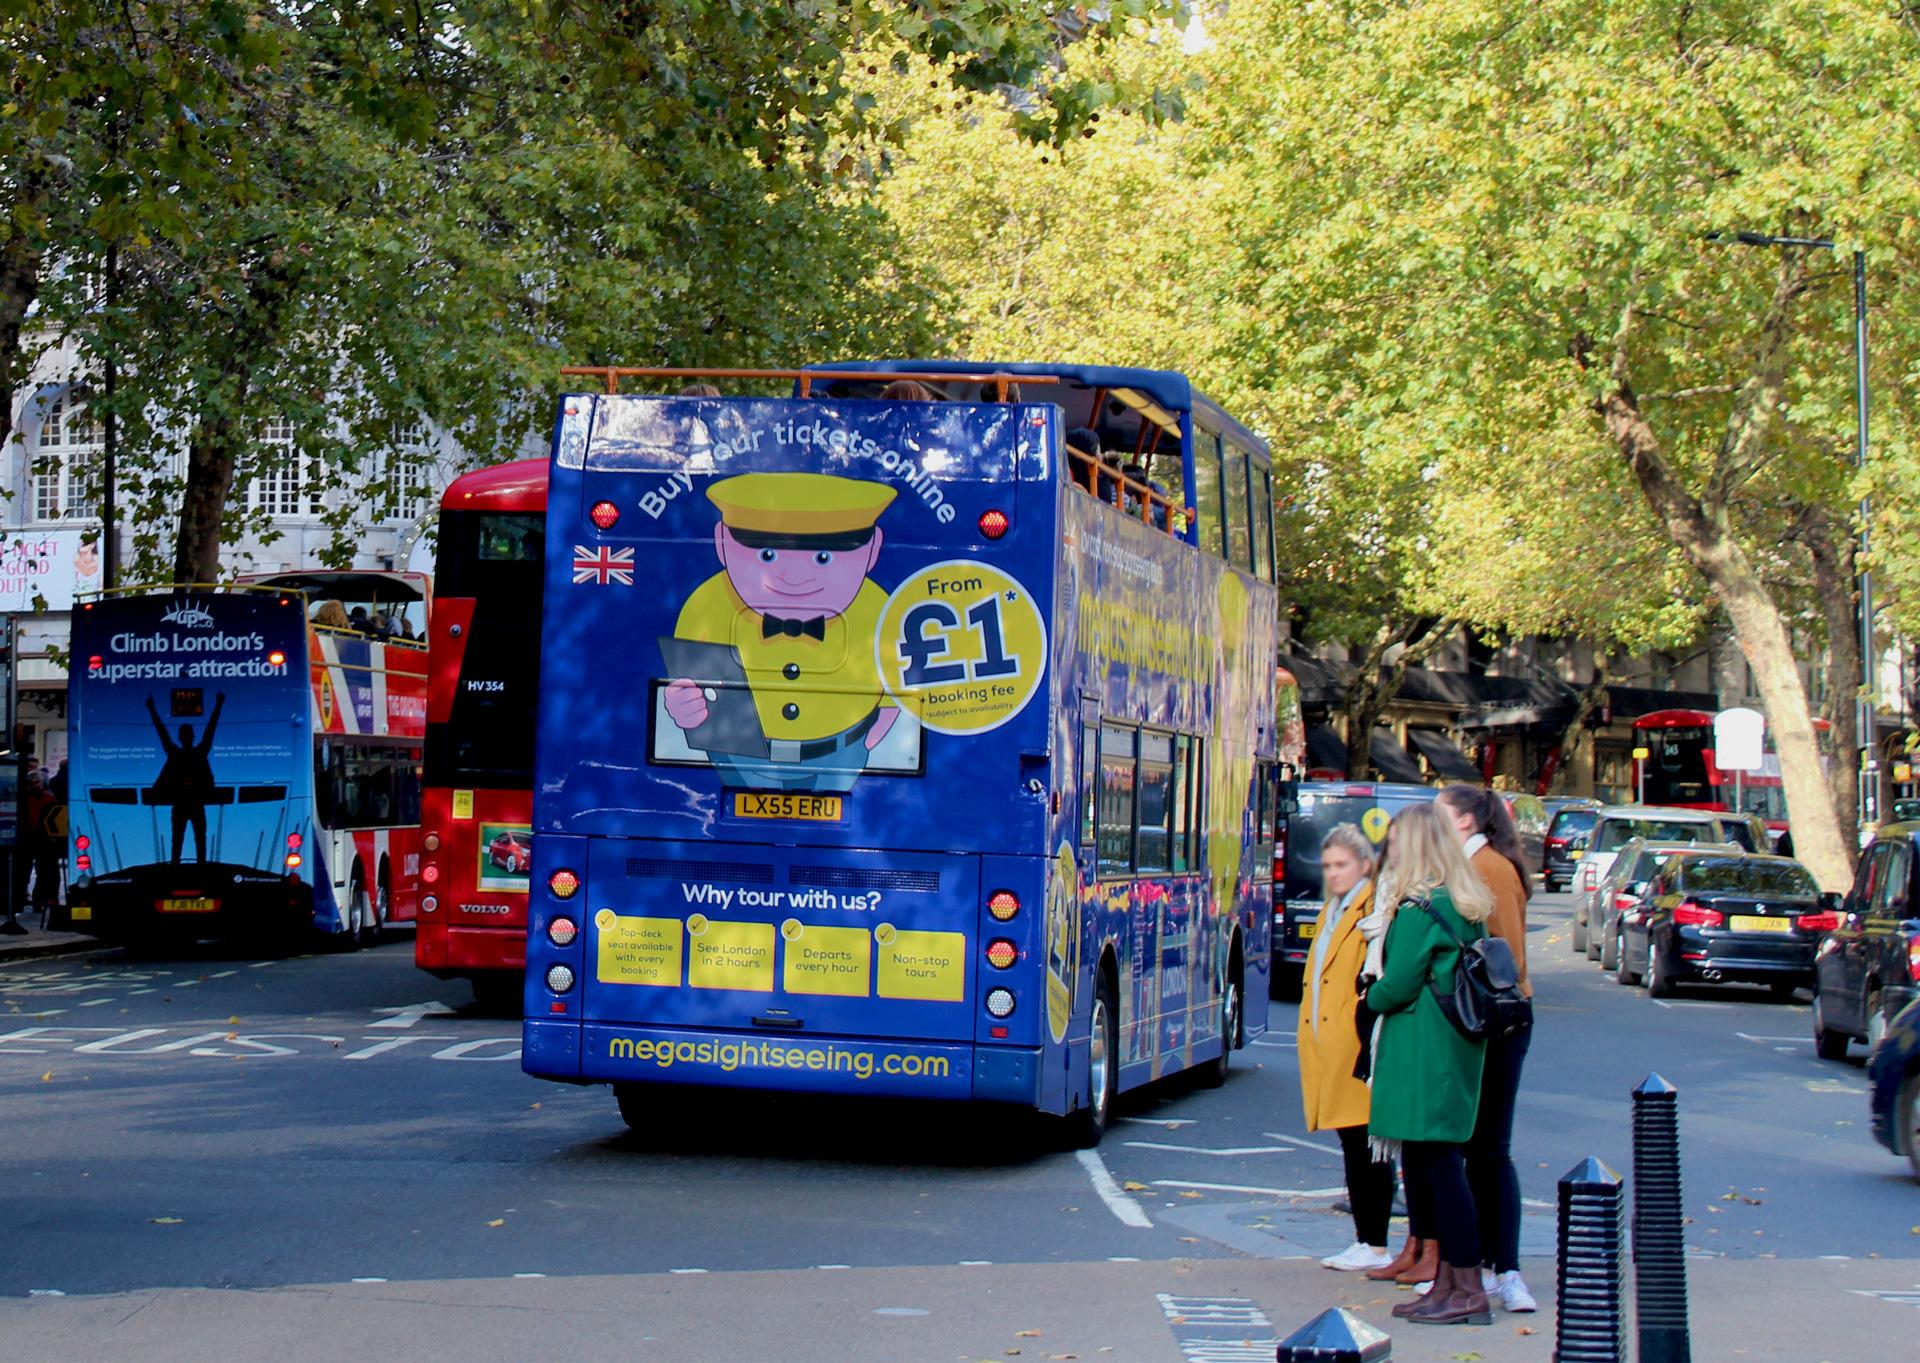 London sightseeing bus advertising